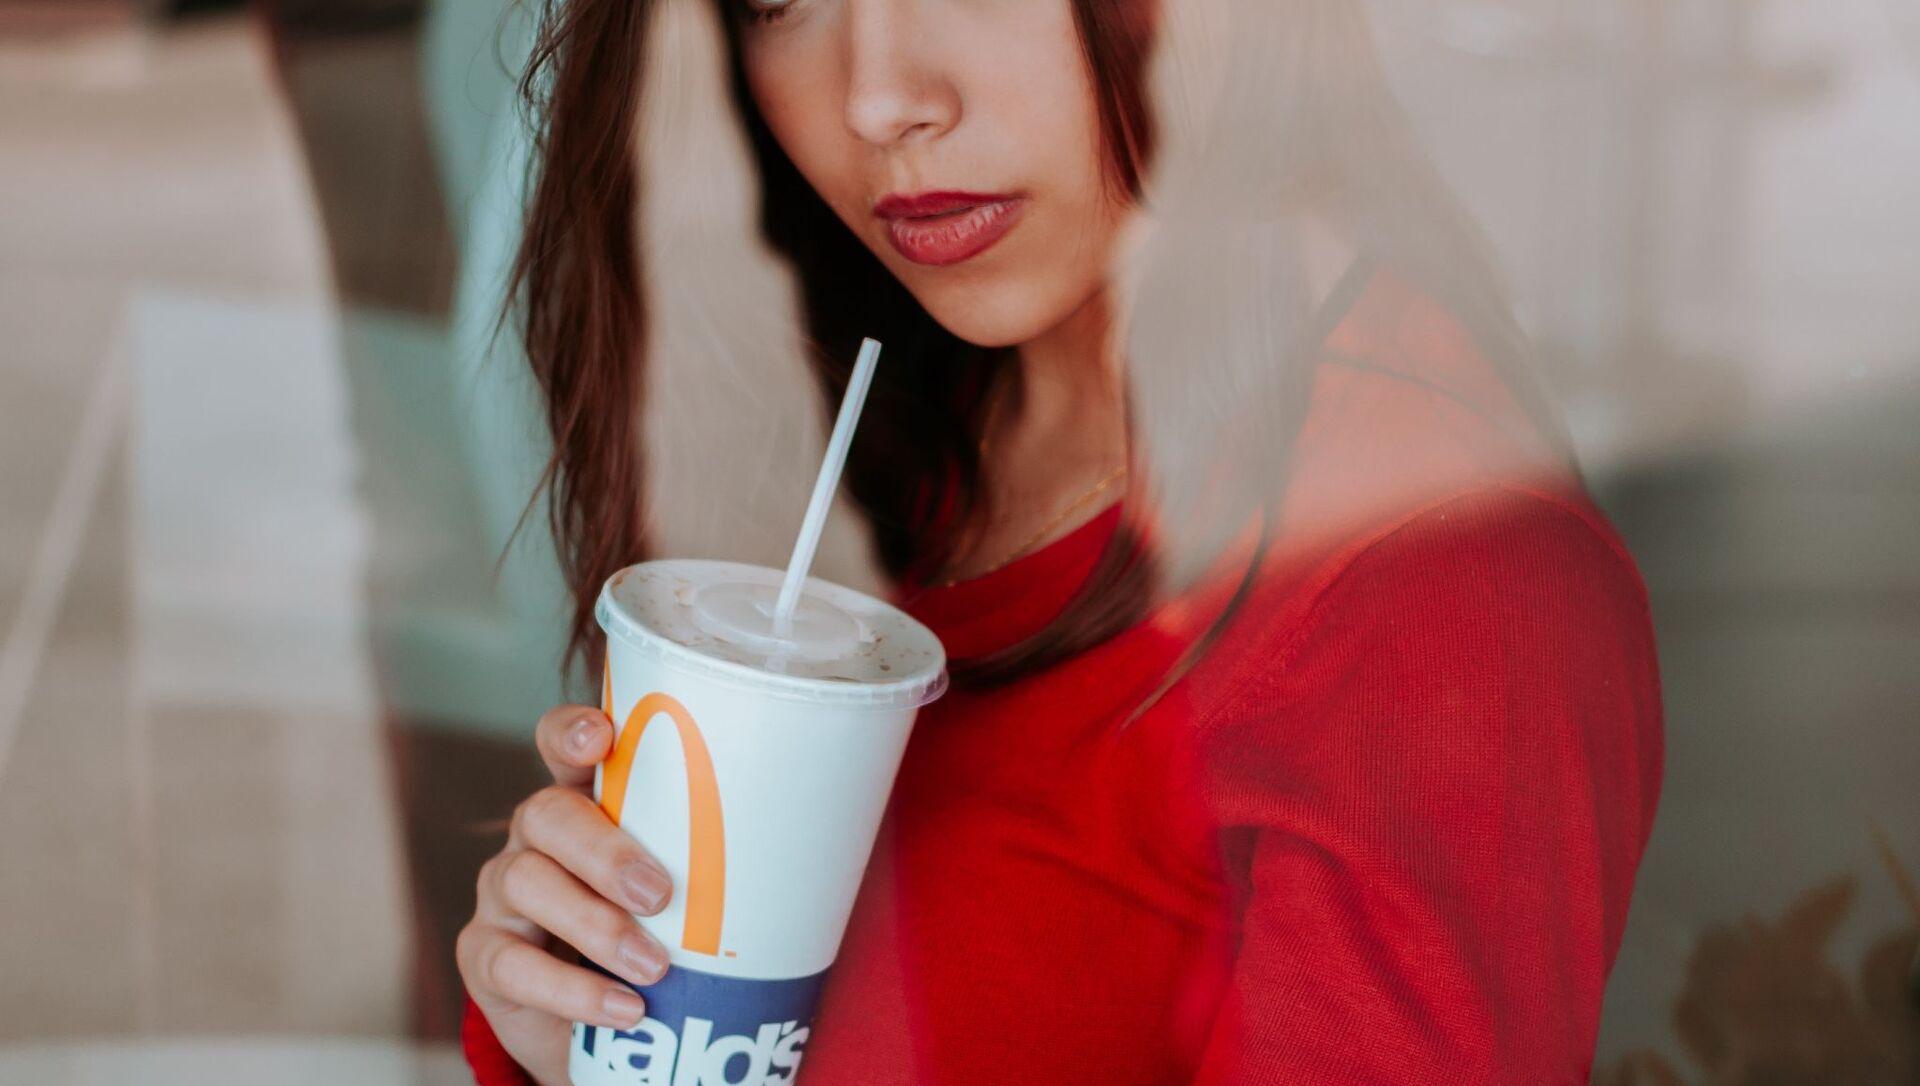 Una mujer con un vaso de Coca-Cola de McDonald's - Sputnik Mundo, 1920, 14.01.2021